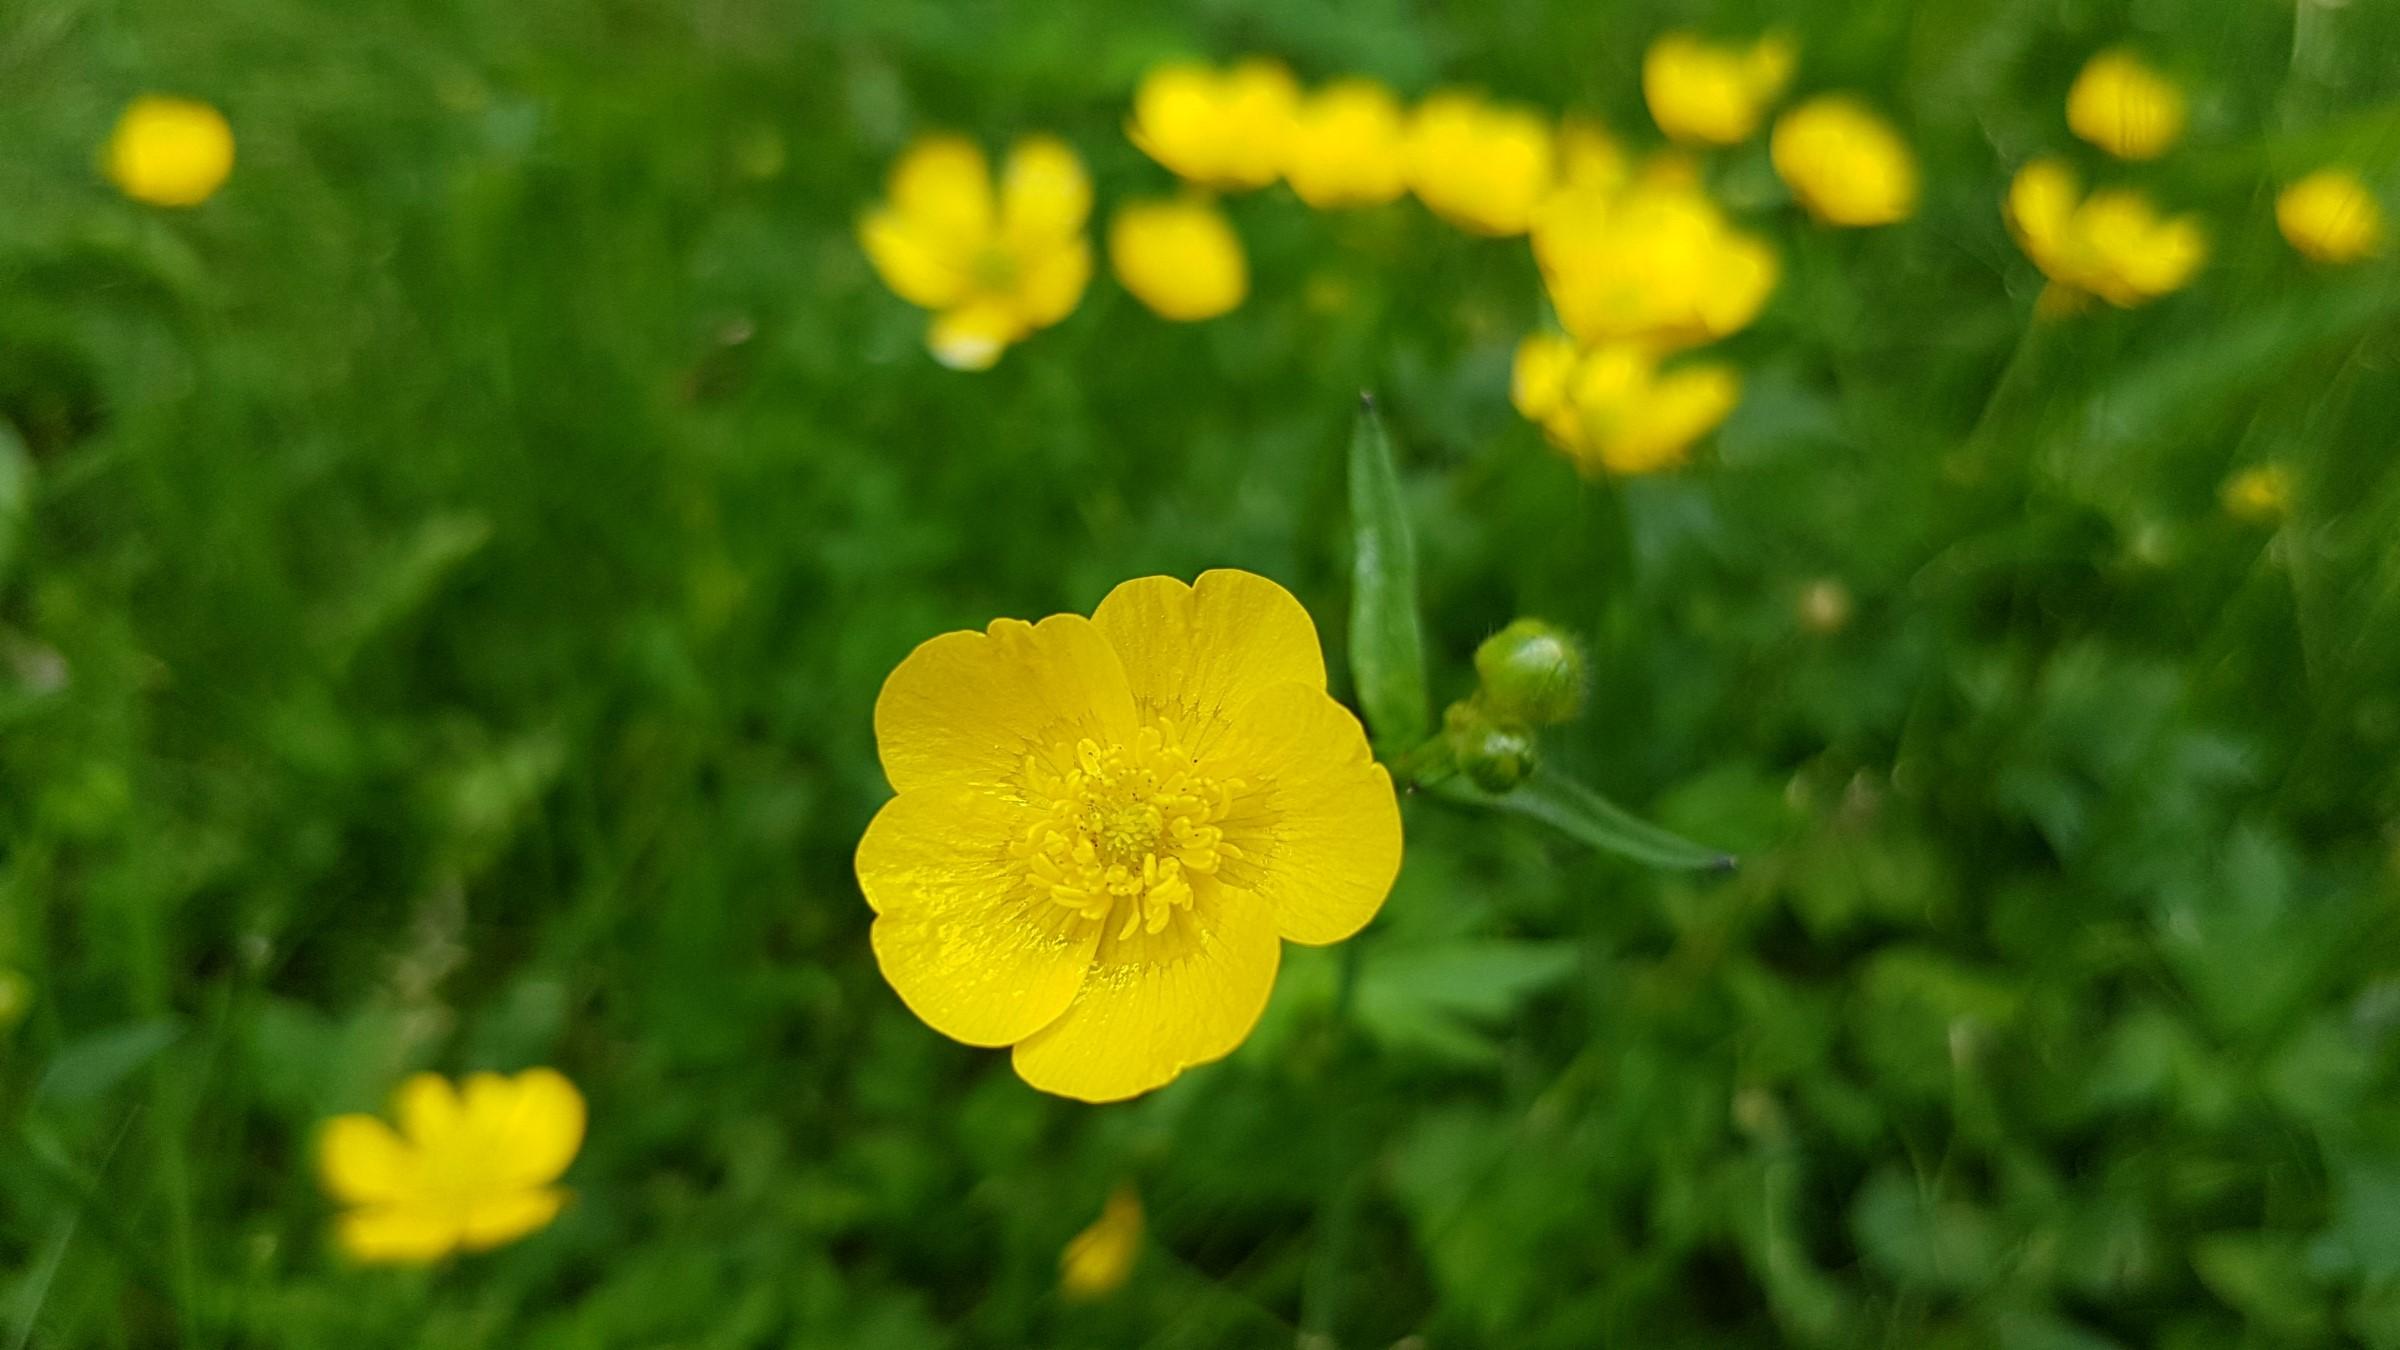 Illustrasjonsbilde av engsoleie eller smørblomst, gul blomst med fem kronblad